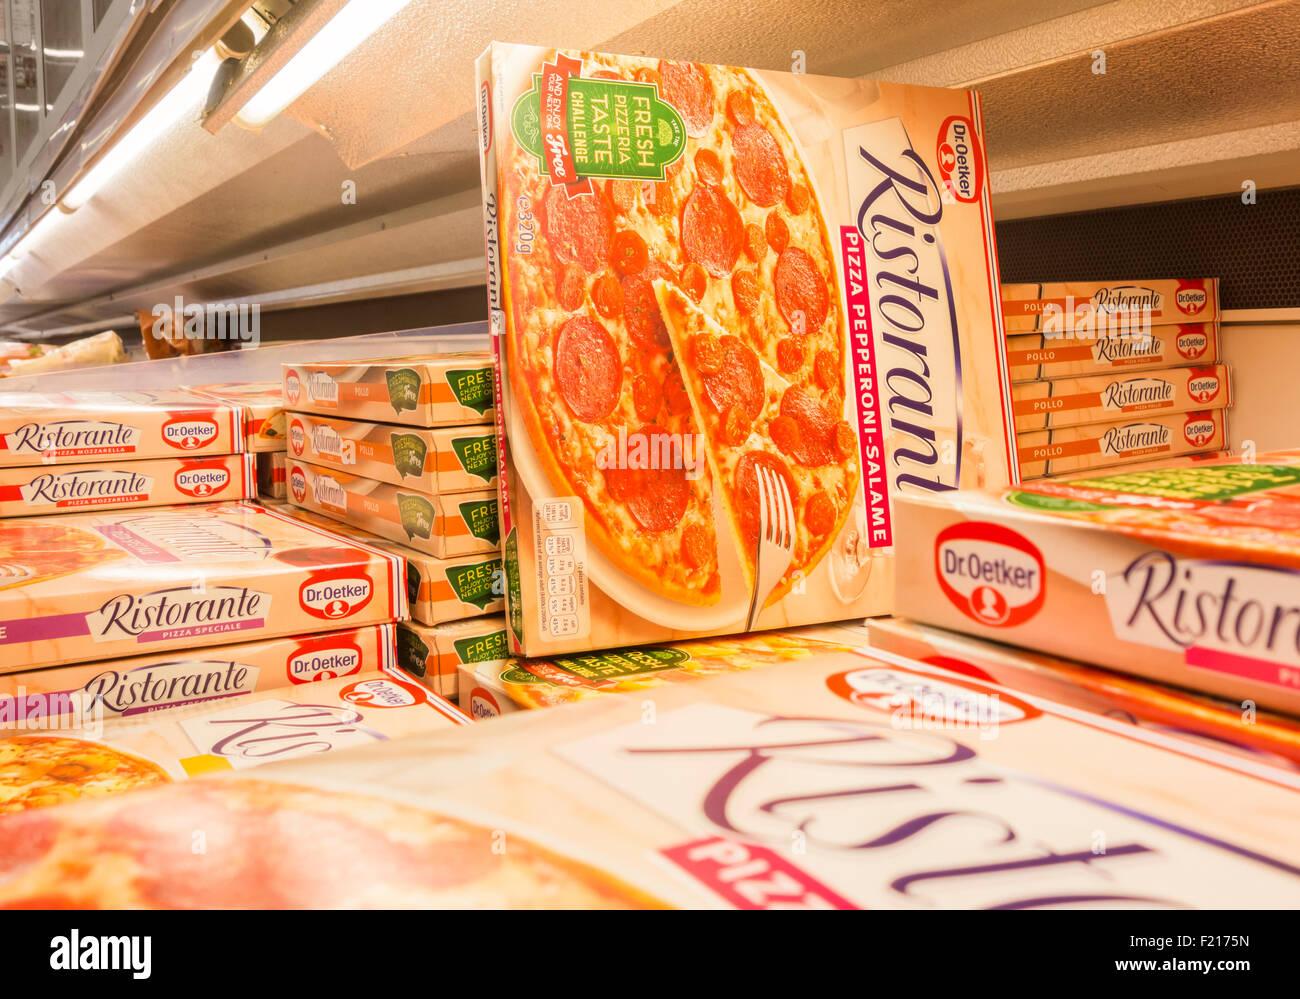 Frozen Food Display Stock Photos Amp Frozen Food Display